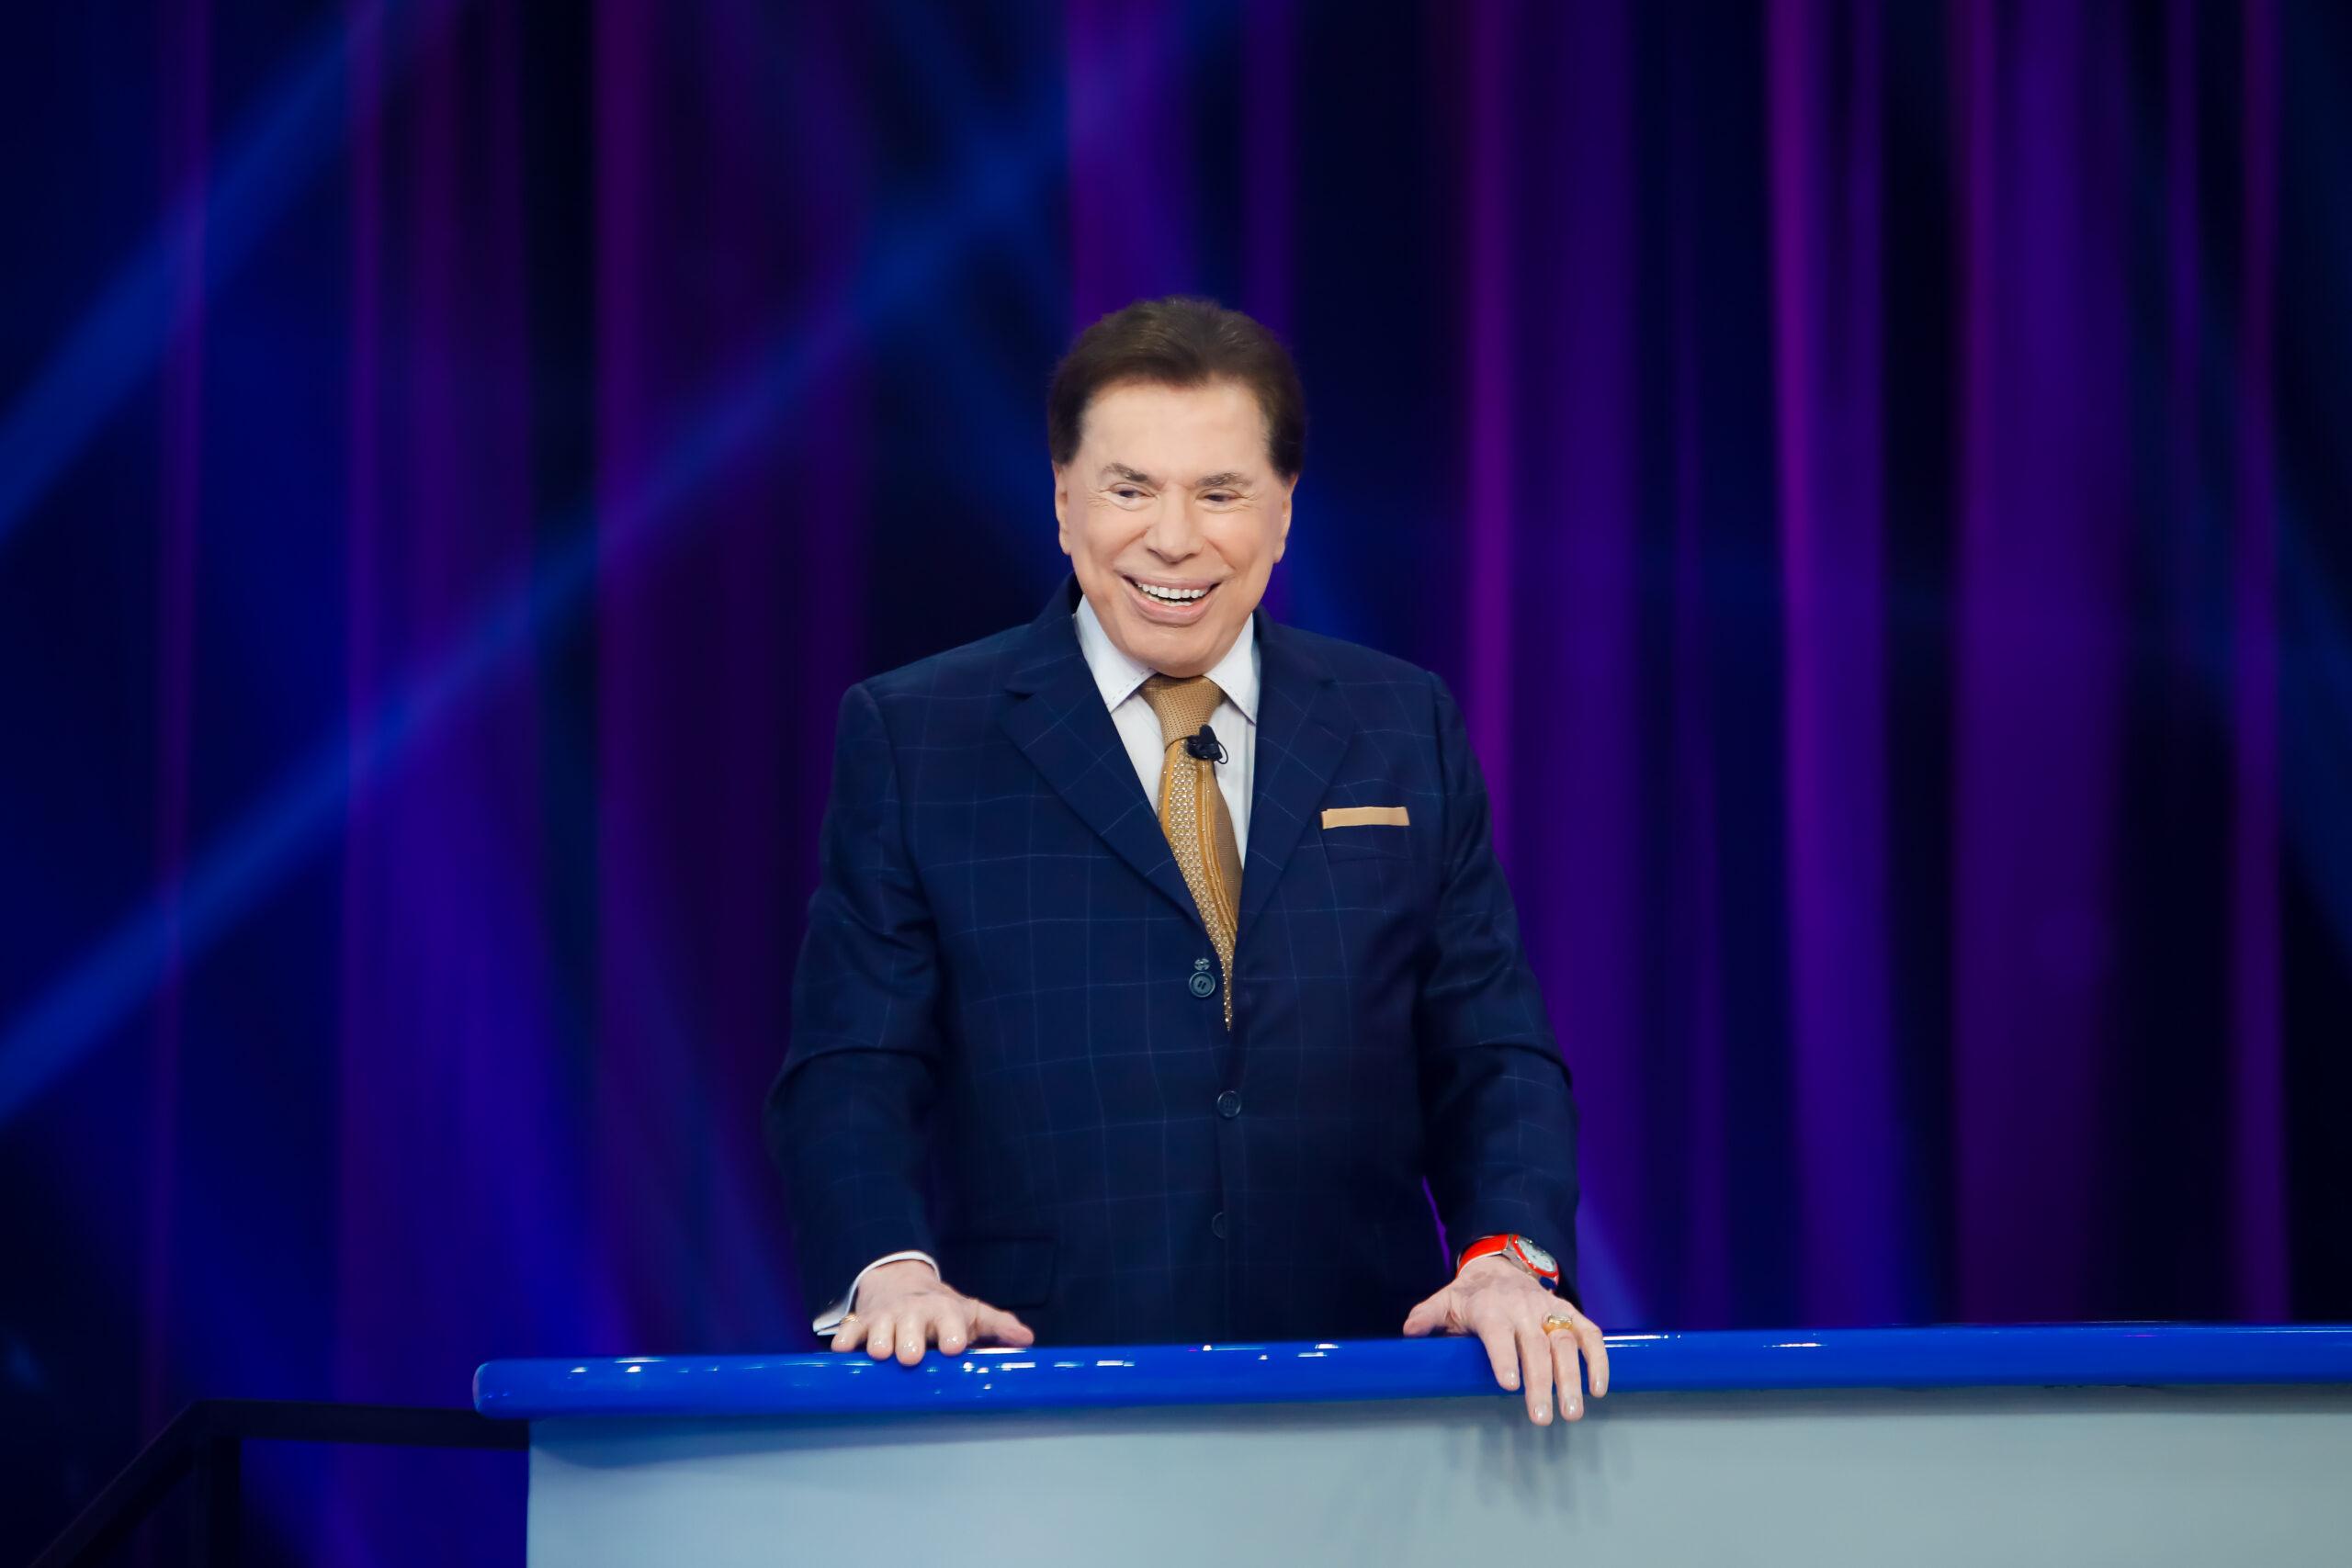 Após mais de um ano afastado da TV, Silvio Santos retorna ao SBT para gravar programa